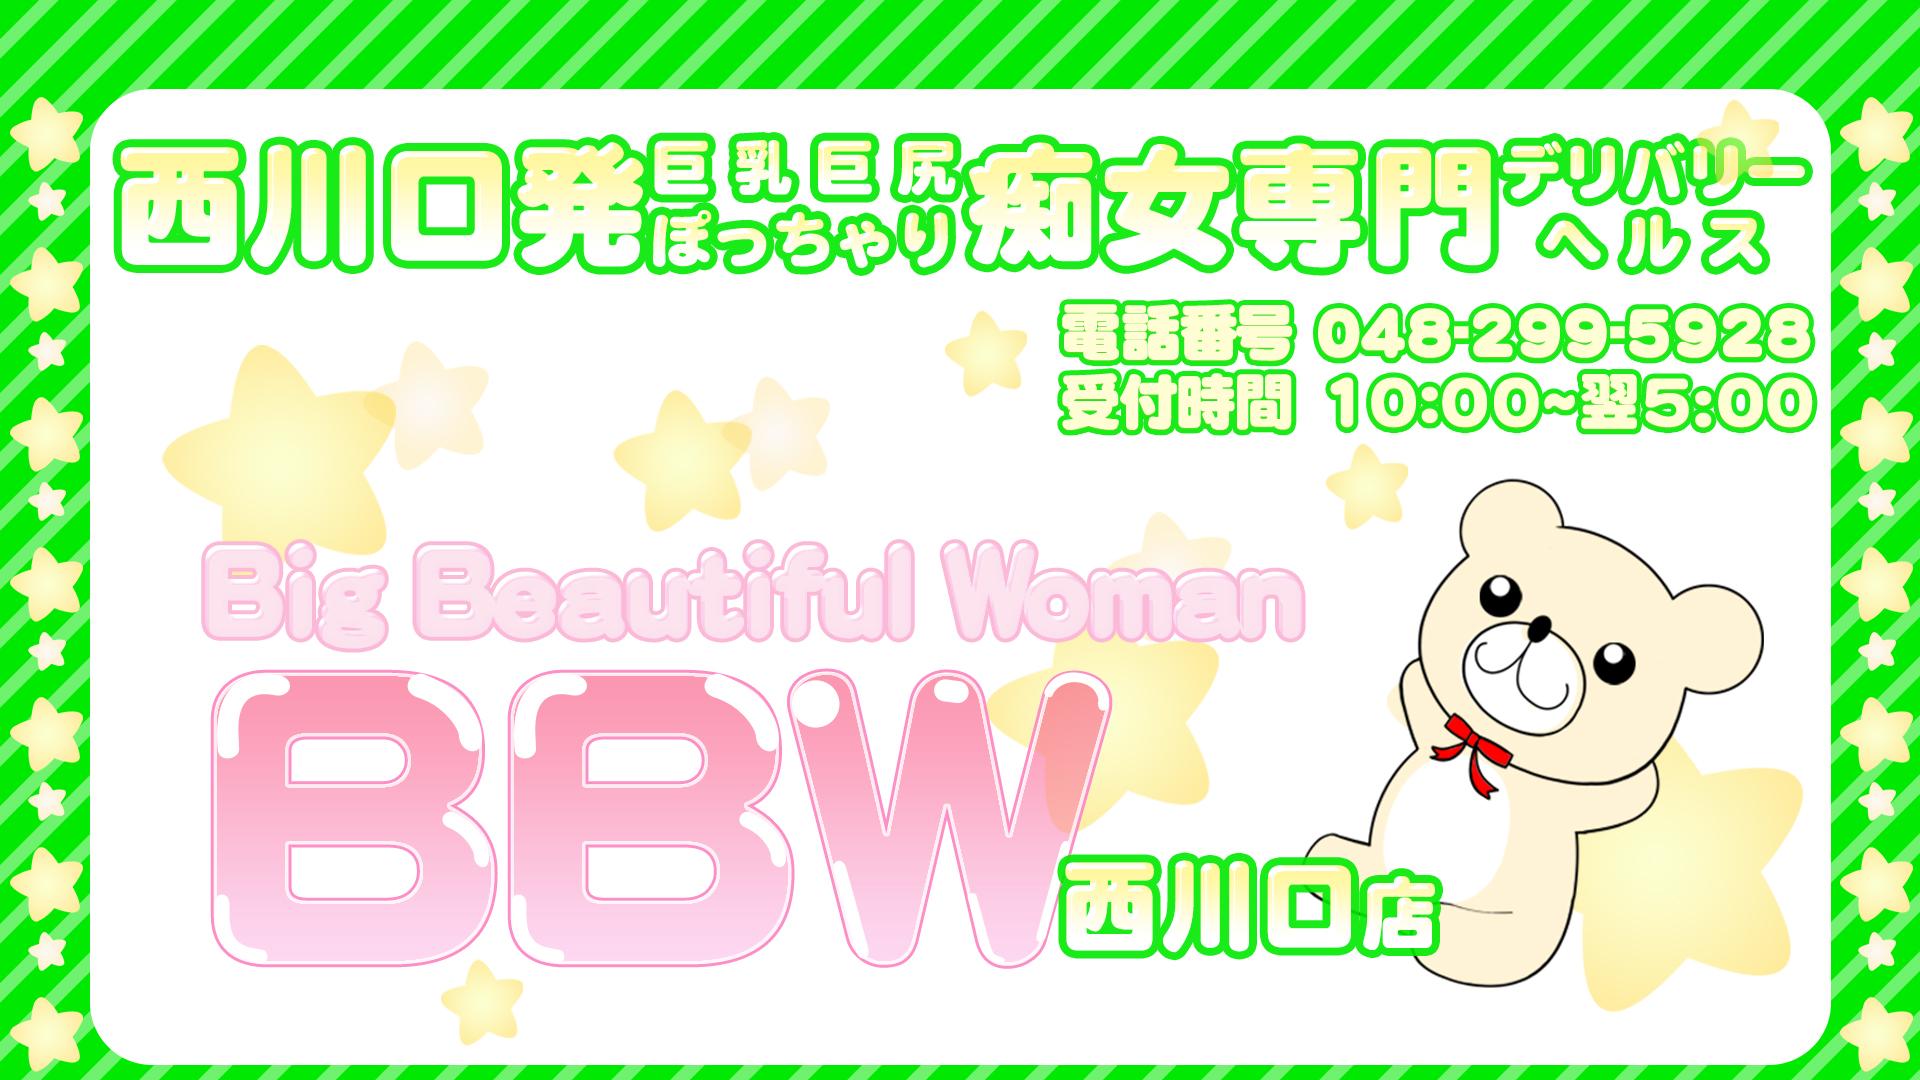 西川口ぽっちゃり風俗 BBW認証1